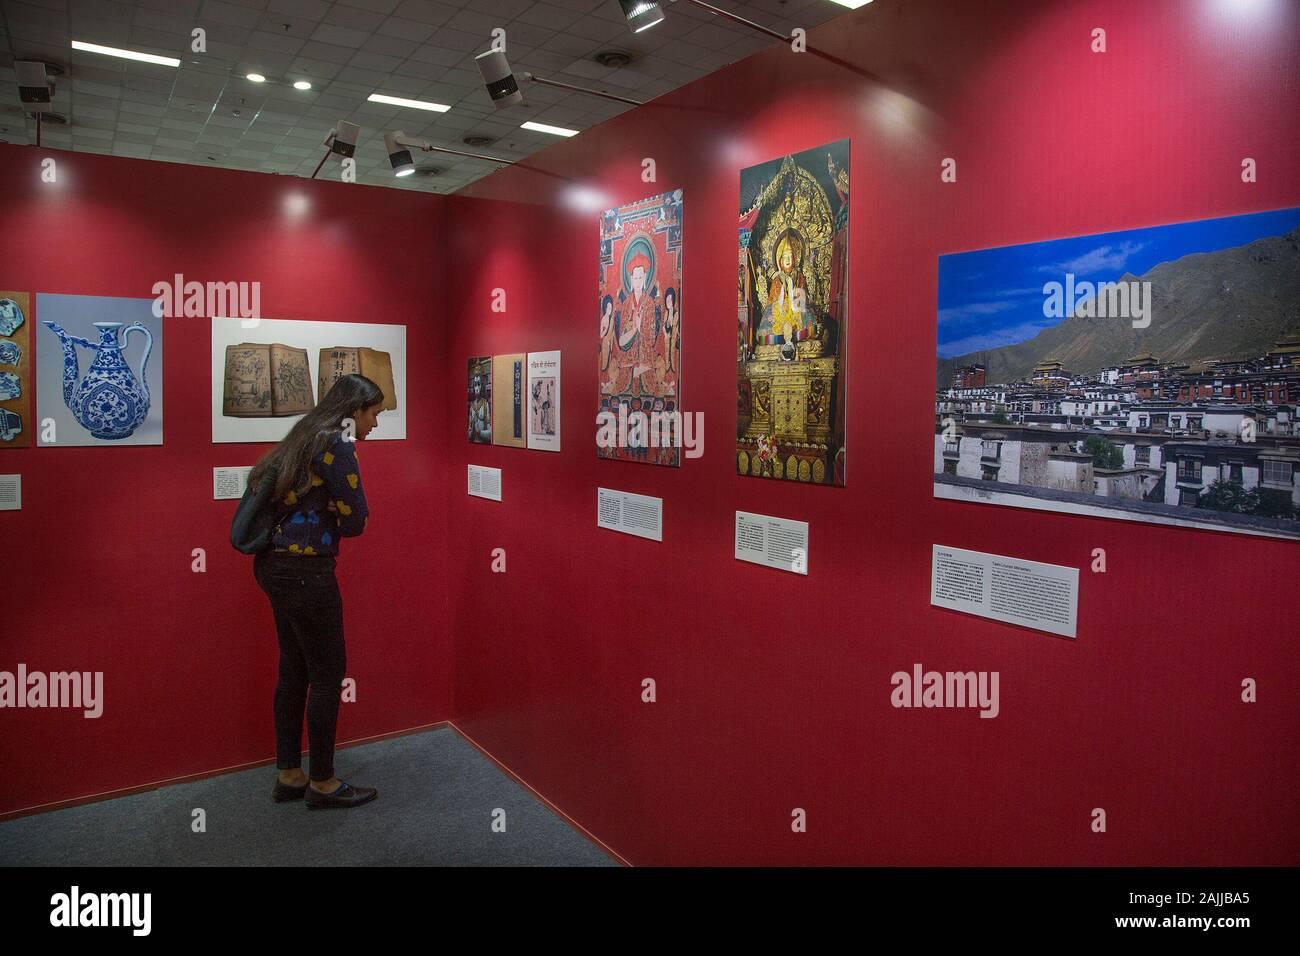 Nueva Delhi, India. El 4 de enero de 2020. (200104) -- Nueva Delhi, 4 de enero de 2020 (Xinhua) -- Un visitante indio mira las fotos en la exposición fotográfica China-India contactos culturales durante la Feria Mundial del Libro de Nueva Delhi-2020 en Nueva Delhi, India, del 4 de enero de 2020. Dentro del pabellón nº 7 en Pragati Maidan, un vasto terreno lugar diseñado para exposiciones, un pabellón enmedio bookstalls en la feria del libro lleva a los visitantes hacia abajo un Memory Lane en más de 2.000 años de intercambios culturales entre China y la India, a través de fotografías. Unos cubículos de distancia desde el pabellón China es la librería llamativamente lucimiento libros chinos en Foto de stock